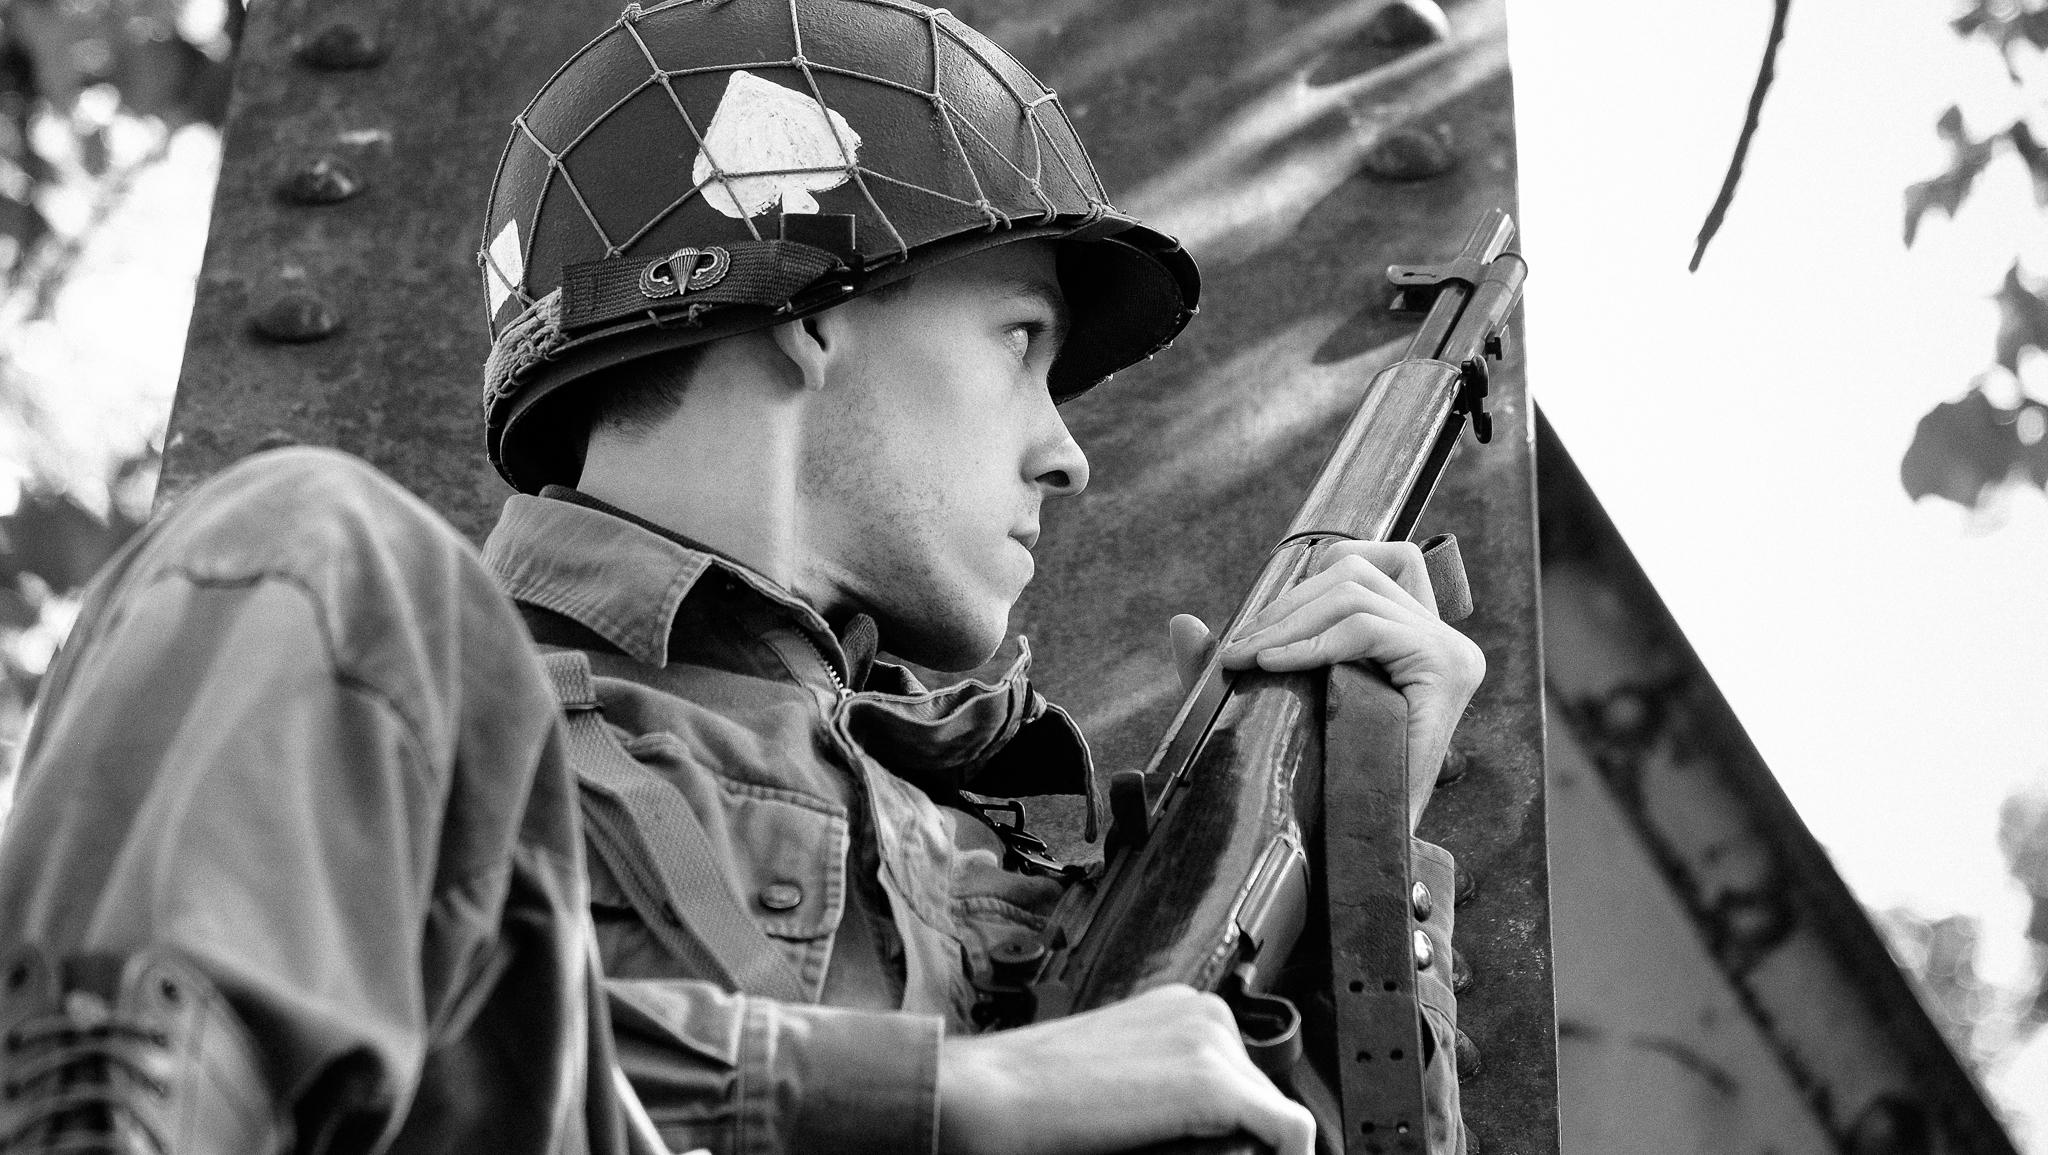 Waxahachie-WWII-Weekend-2014-0001.jpg